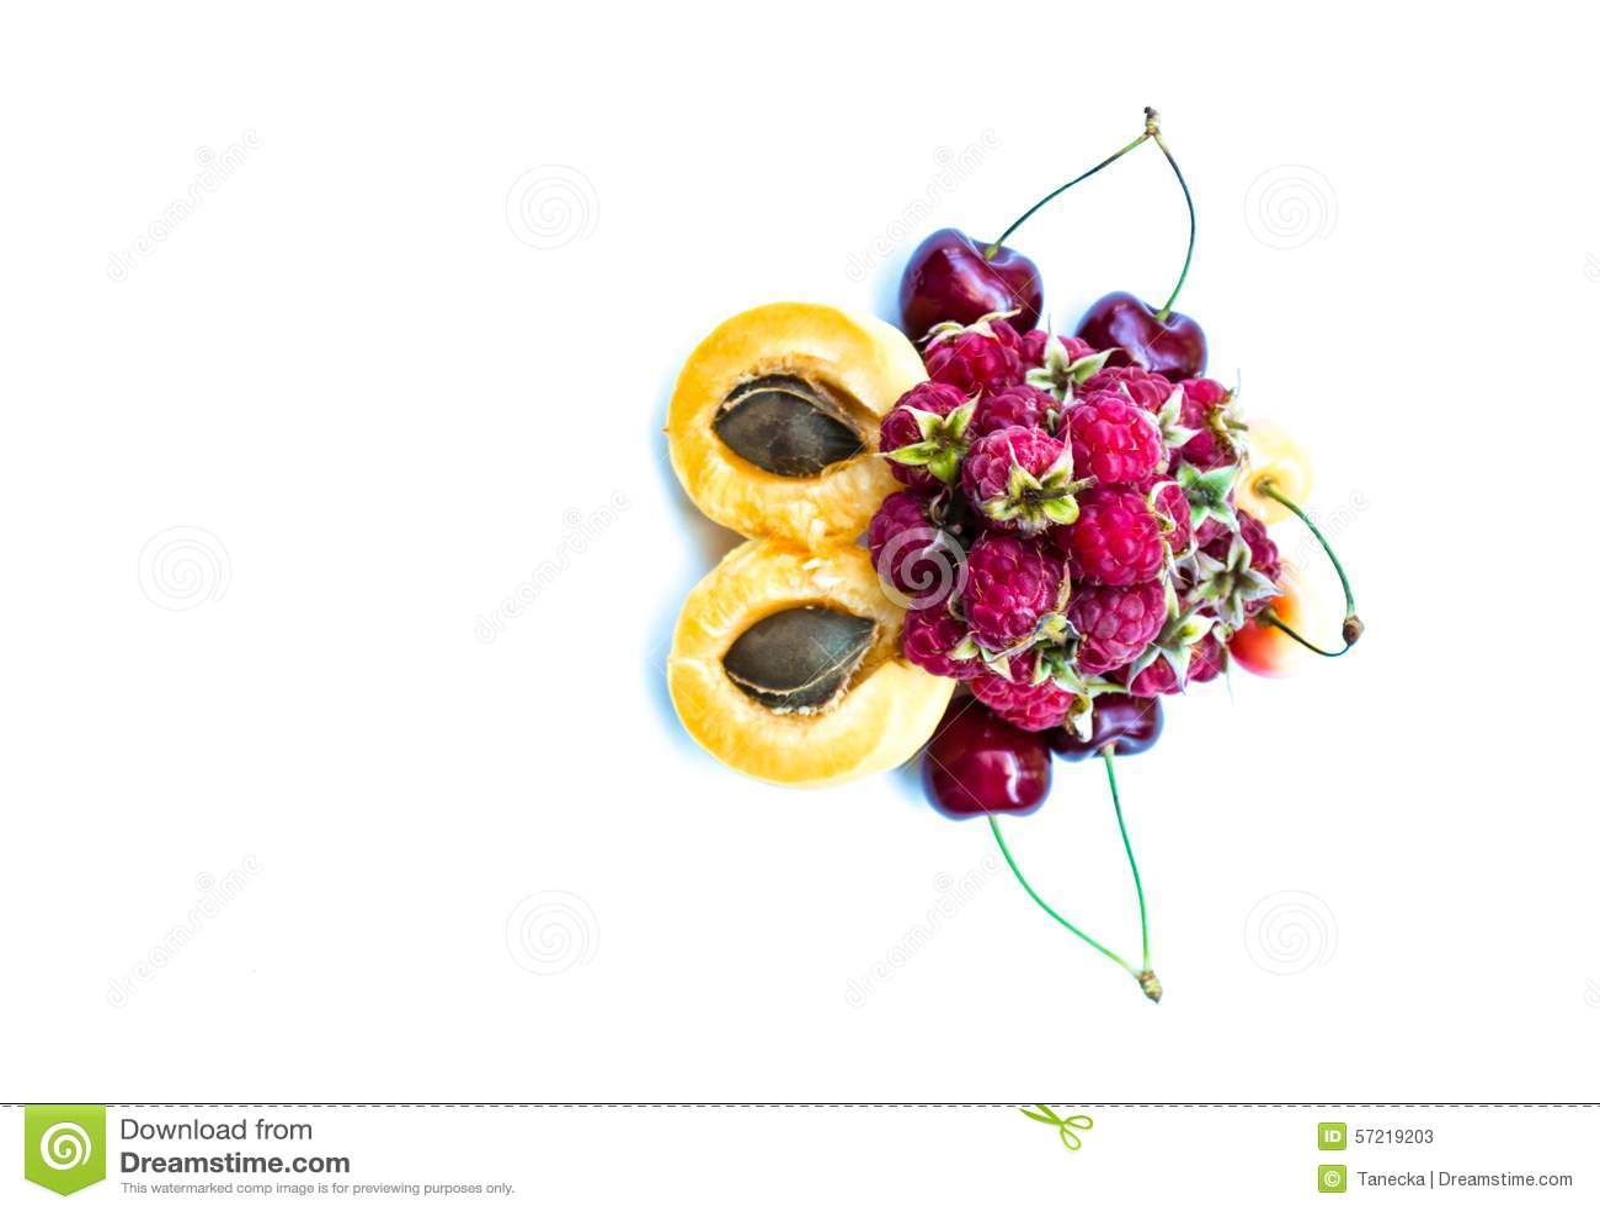 杏子、甜樱桃和莓,拷贝